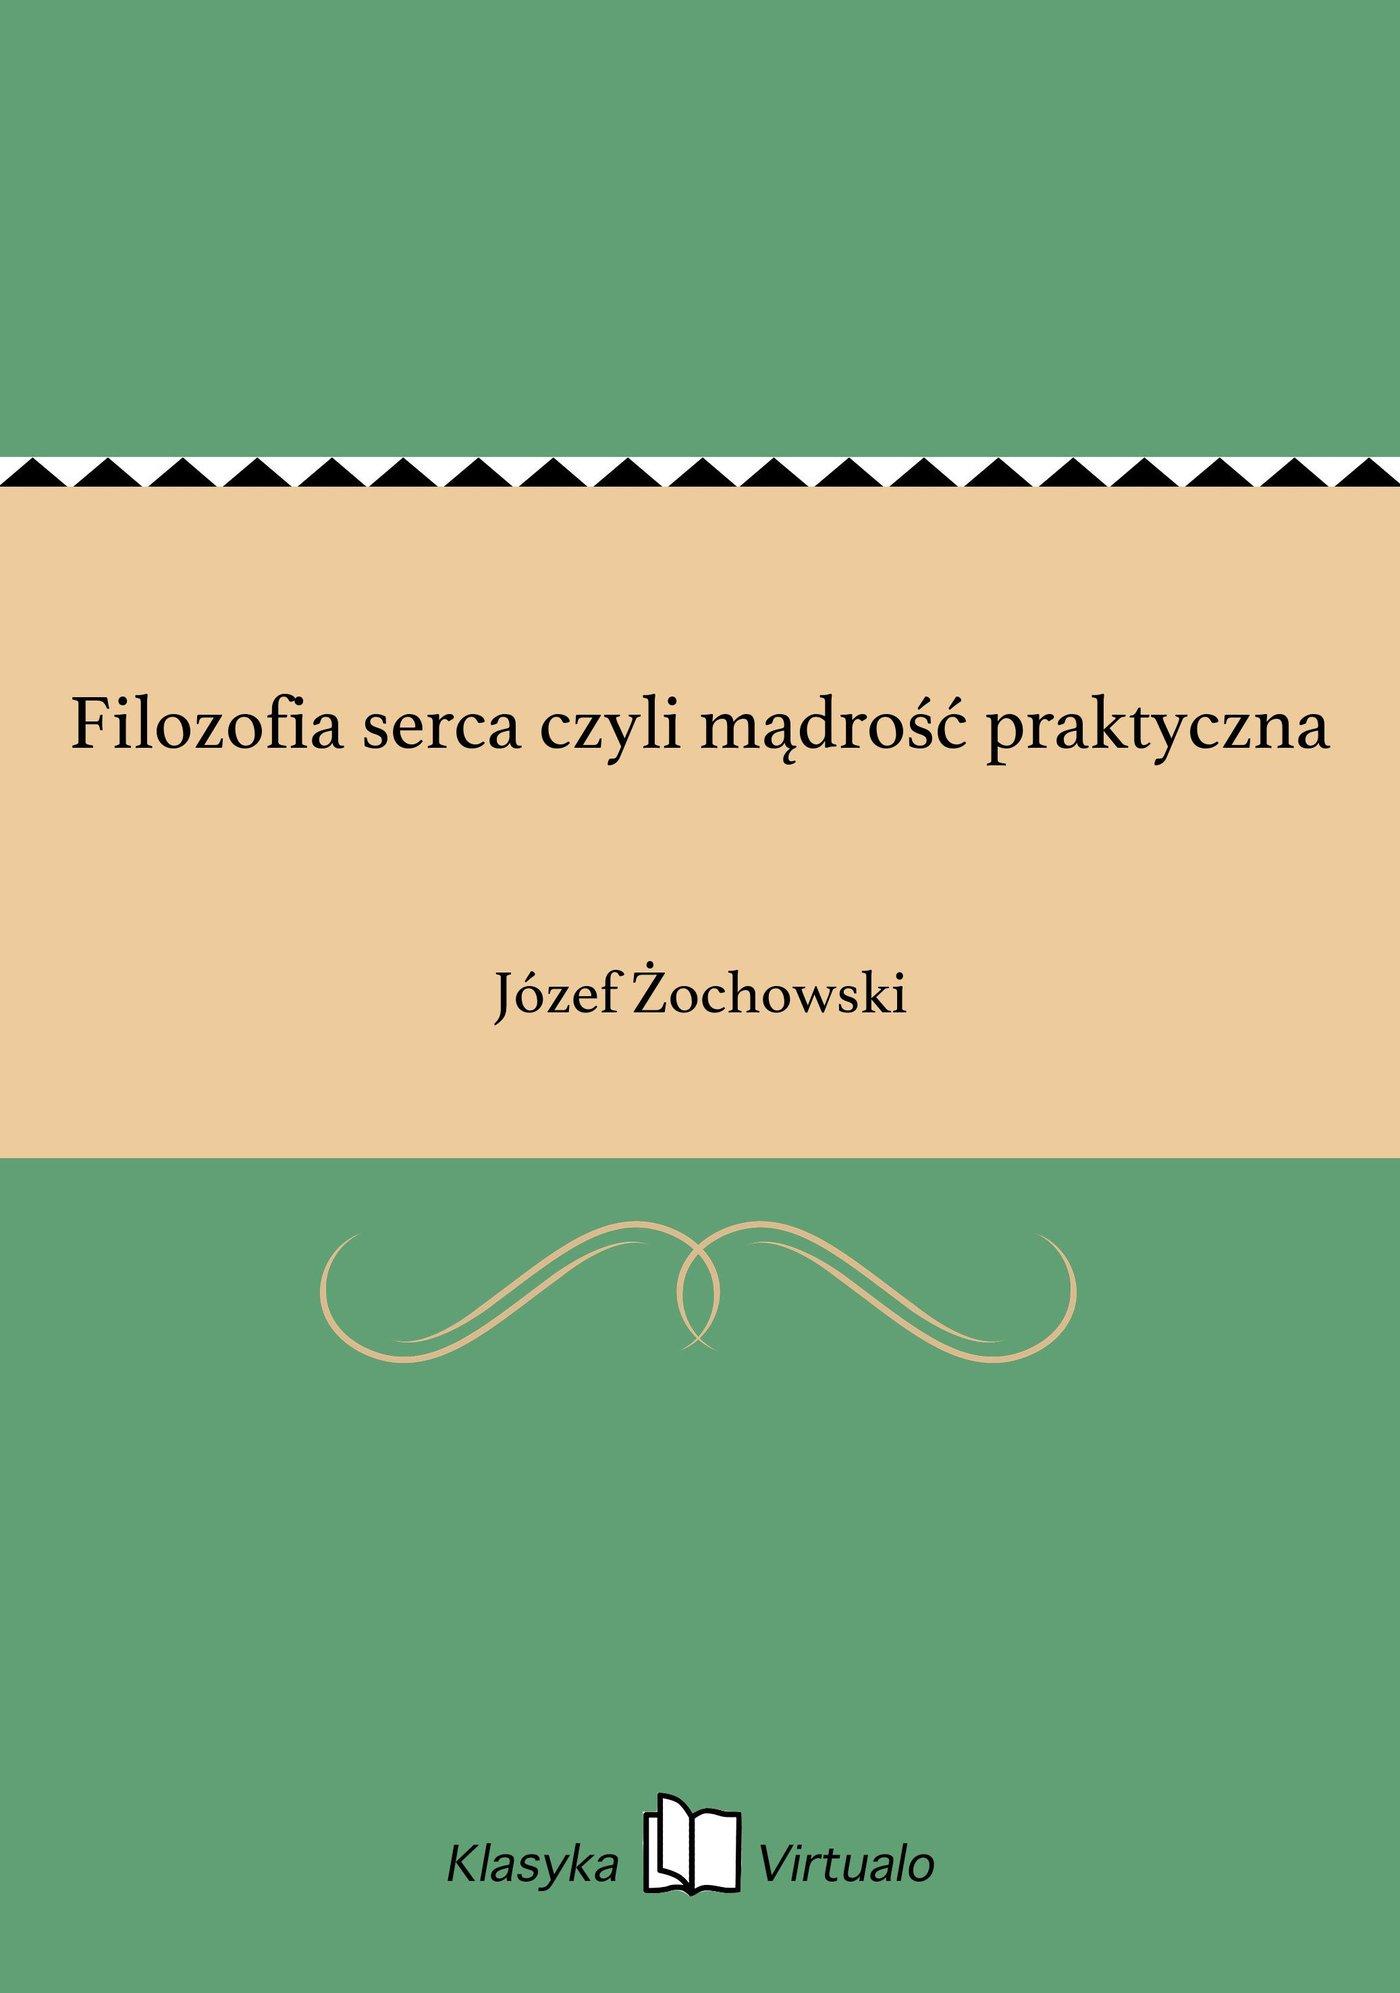 Filozofia serca czyli mądrość praktyczna - Ebook (Książka EPUB) do pobrania w formacie EPUB